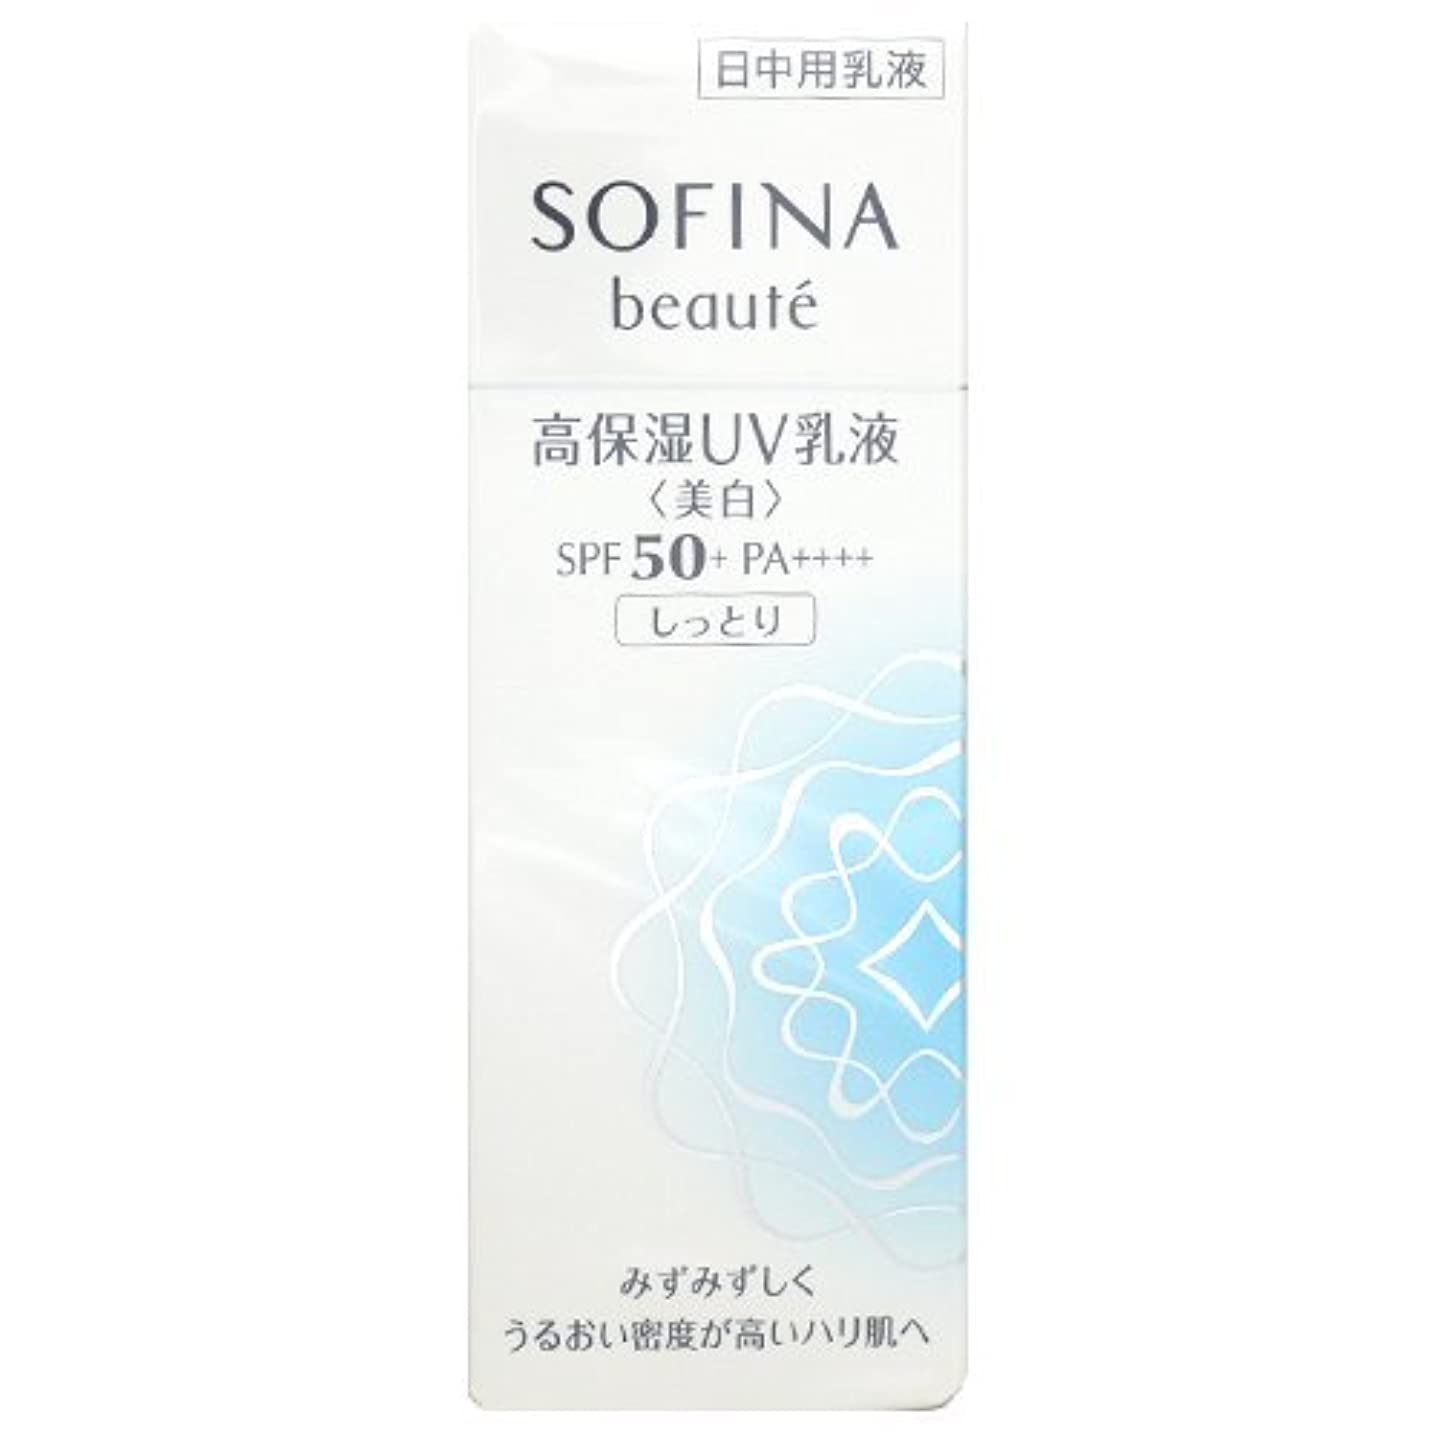 ミュウミュウ繊細火山の花王 ソフィーナ ボーテ SOFINA beaute 高保湿UV乳液 美白 SPF50+ PA++++ しっとり 30g [並行輸入品]